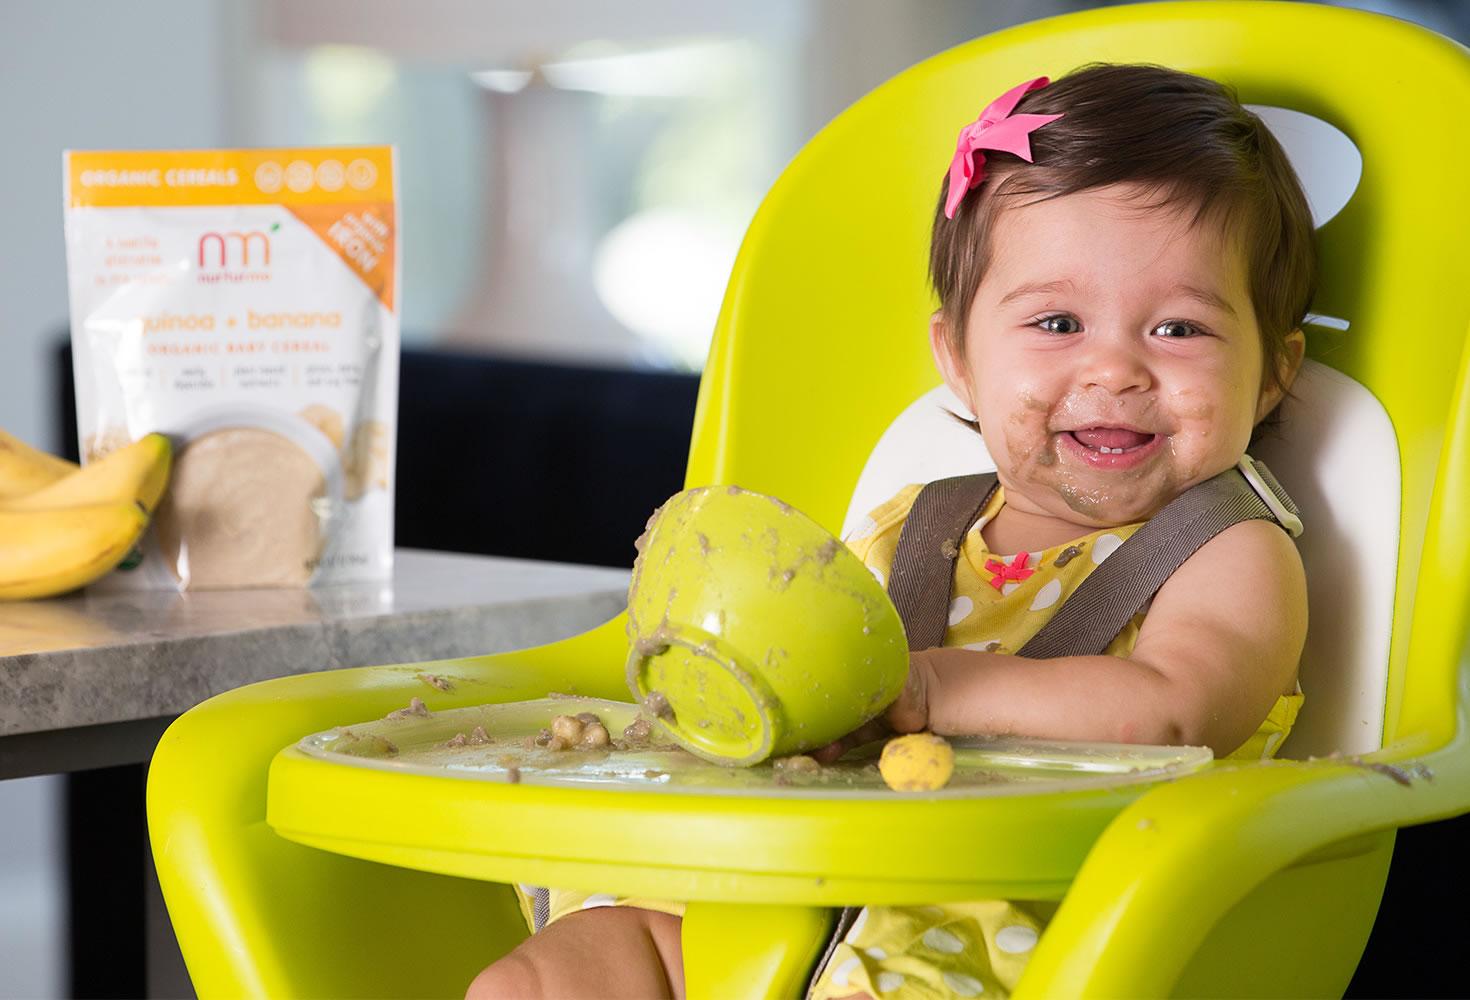 NurturMe ancient grains quinoa-apple cereal | coolmomeats.com | sponsor